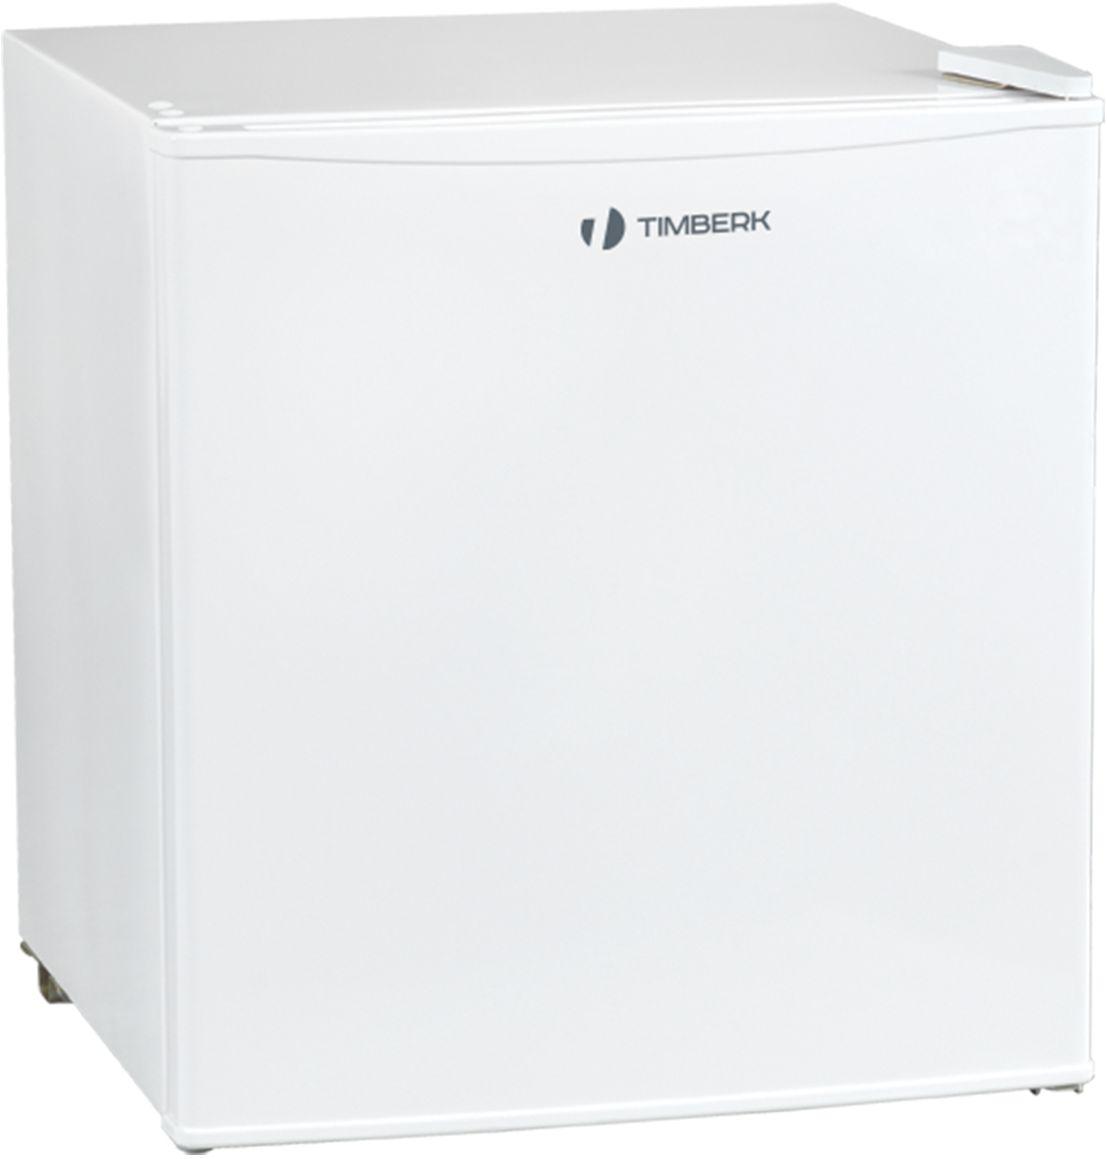 Timberk RG50 холодильник однокамерный - Холодильники и морозильные камеры